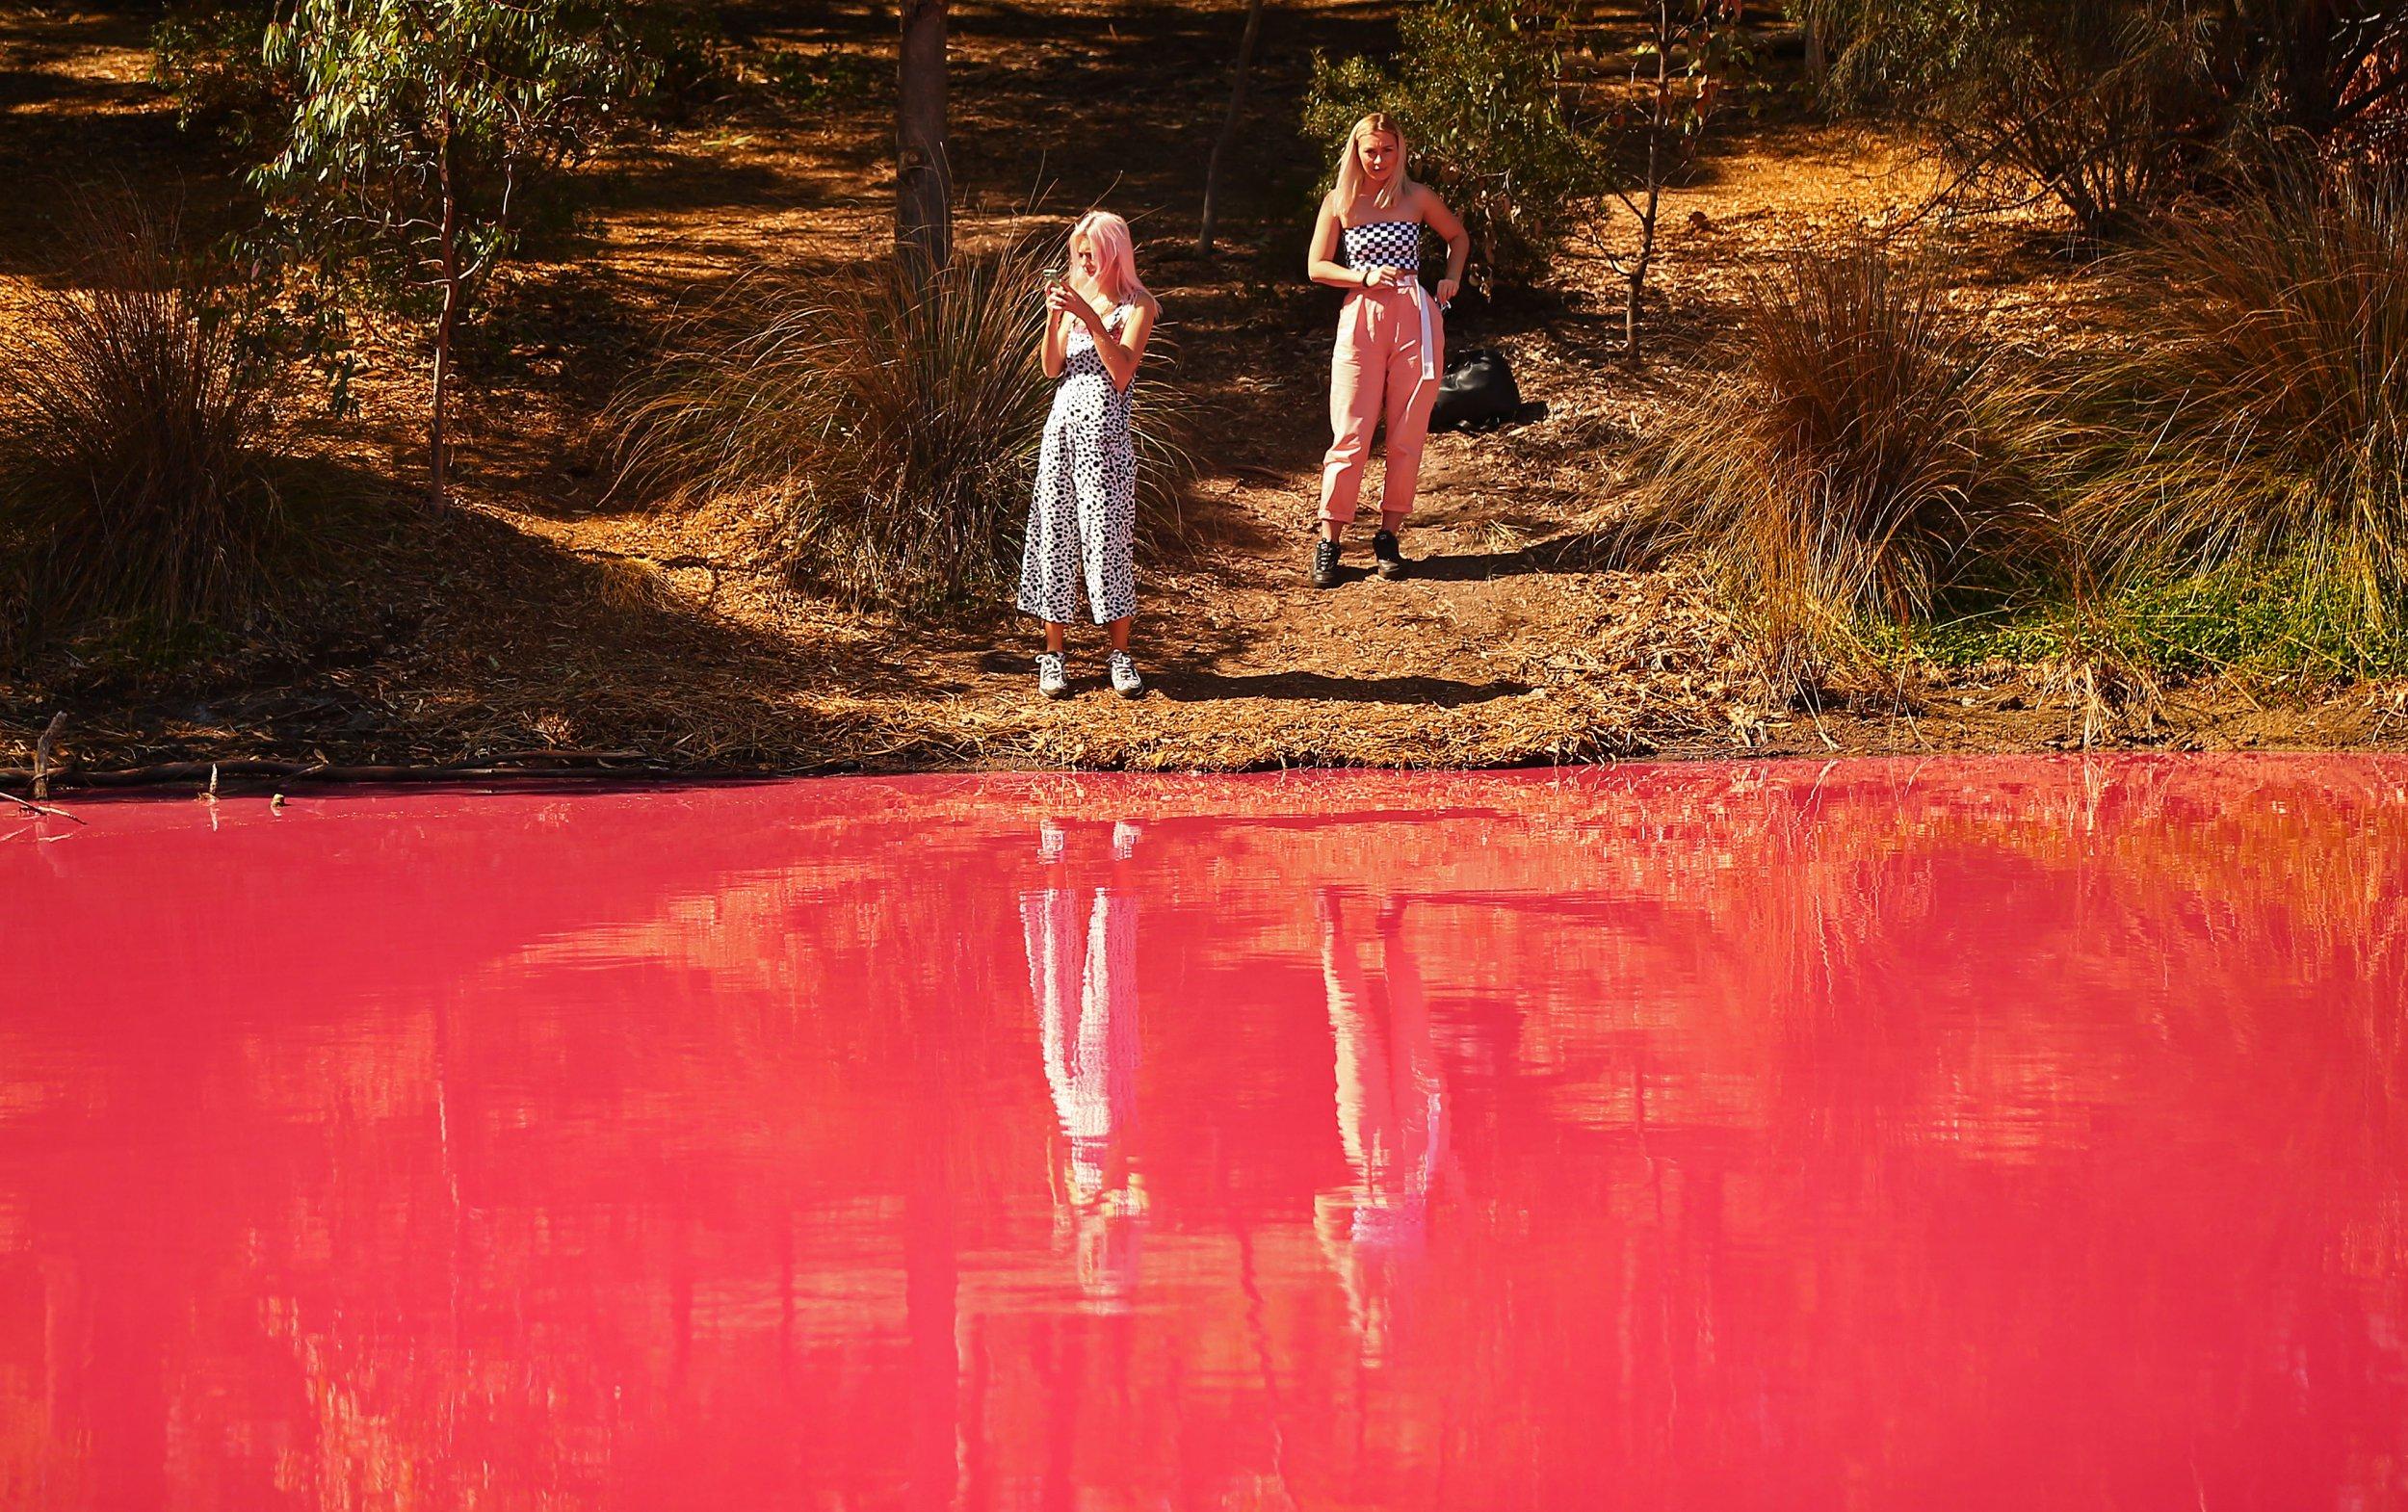 Lake turns bright pink due to amazing natural phenomenon